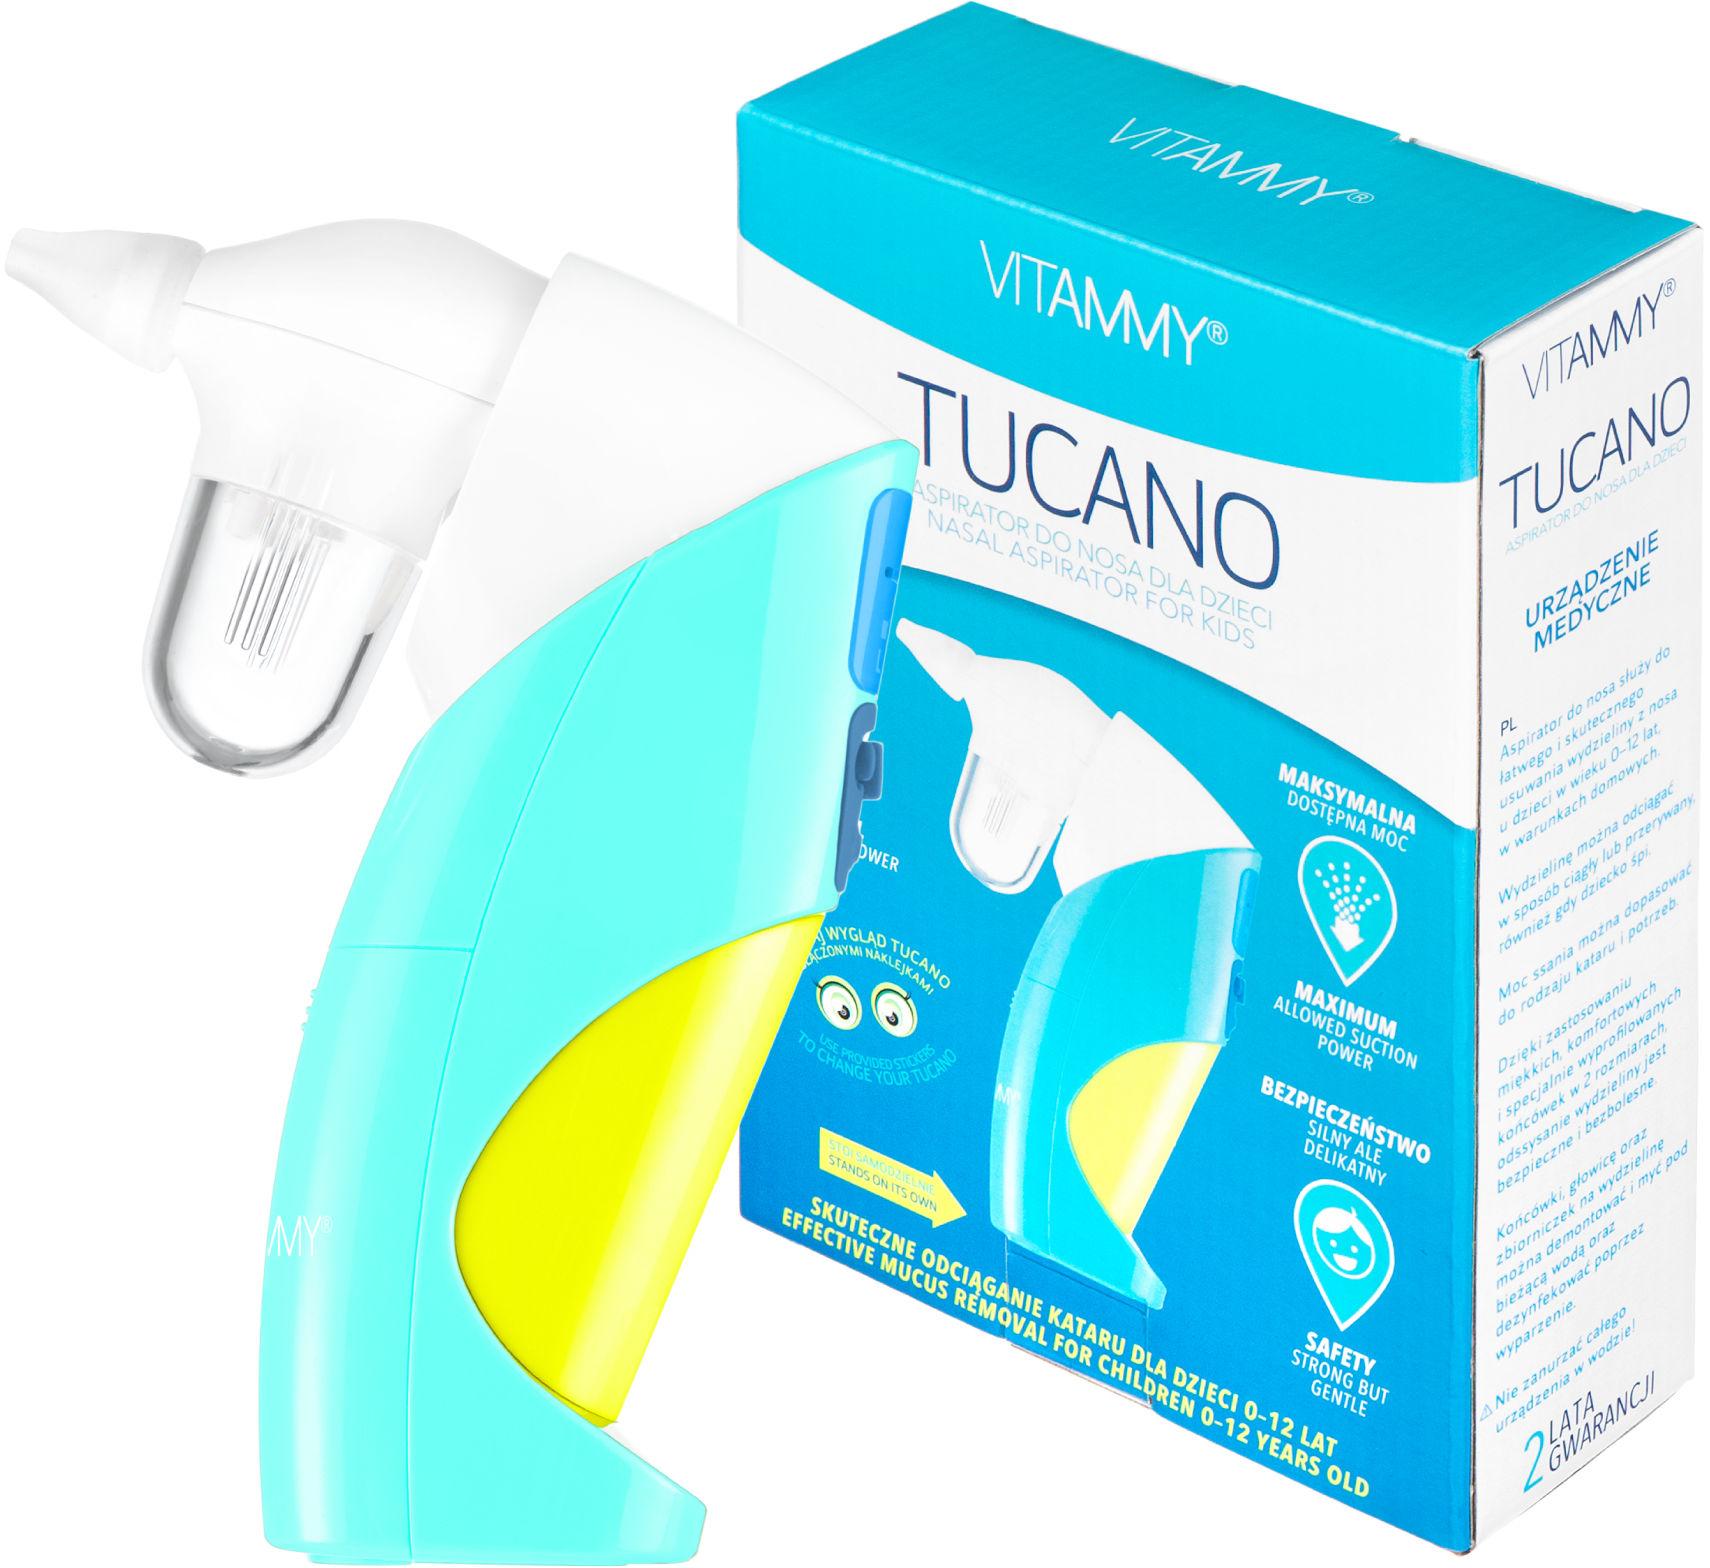 VITAMMY Tucano Aspirator do nosa dla dzieci (odciągacz kataru) z regulacją mocy ssania